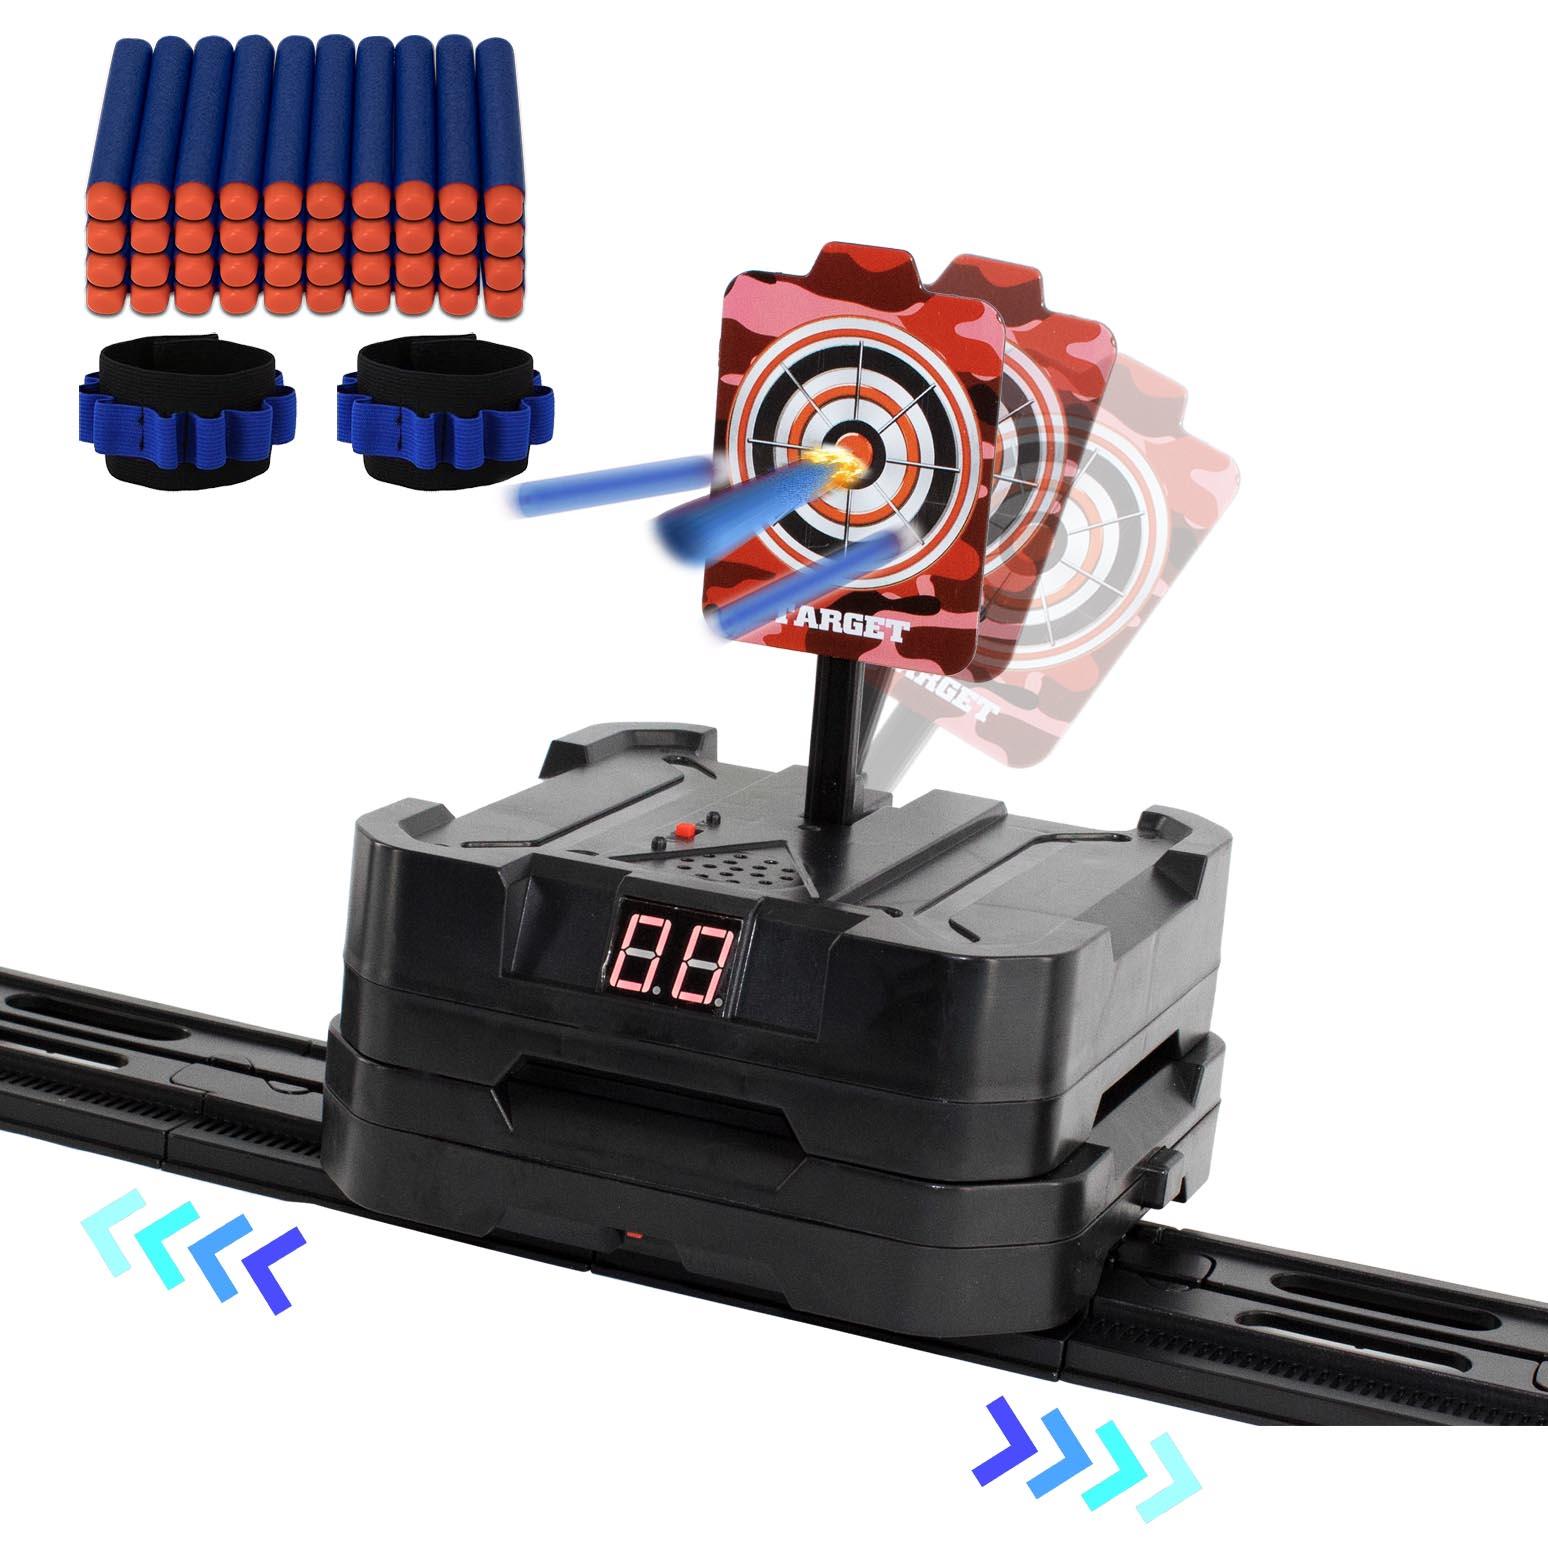 43pc Moving Electronic Target for Nerf N-Strike Guns, 40 Bullet Darts 2 Dart Guns & Soft Darts